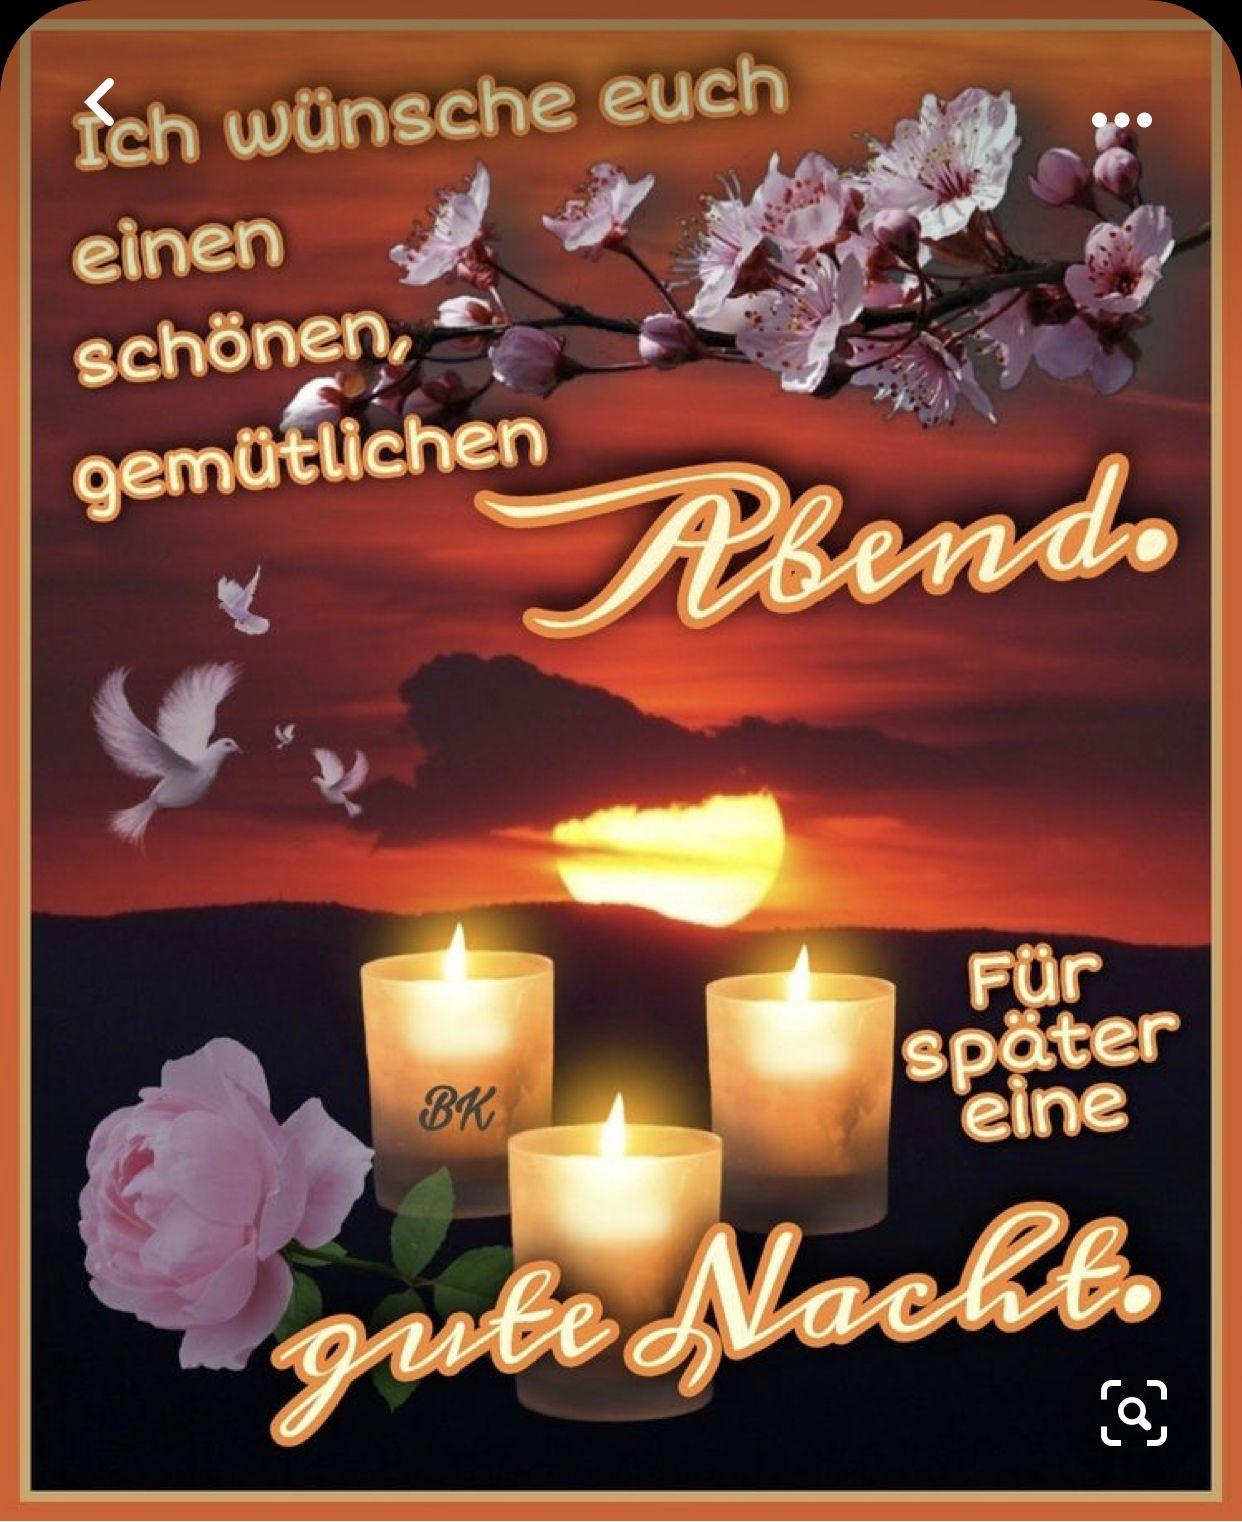 Pin von Anja Lütke-Wiesmann auf Schönen Abend gute Nacht